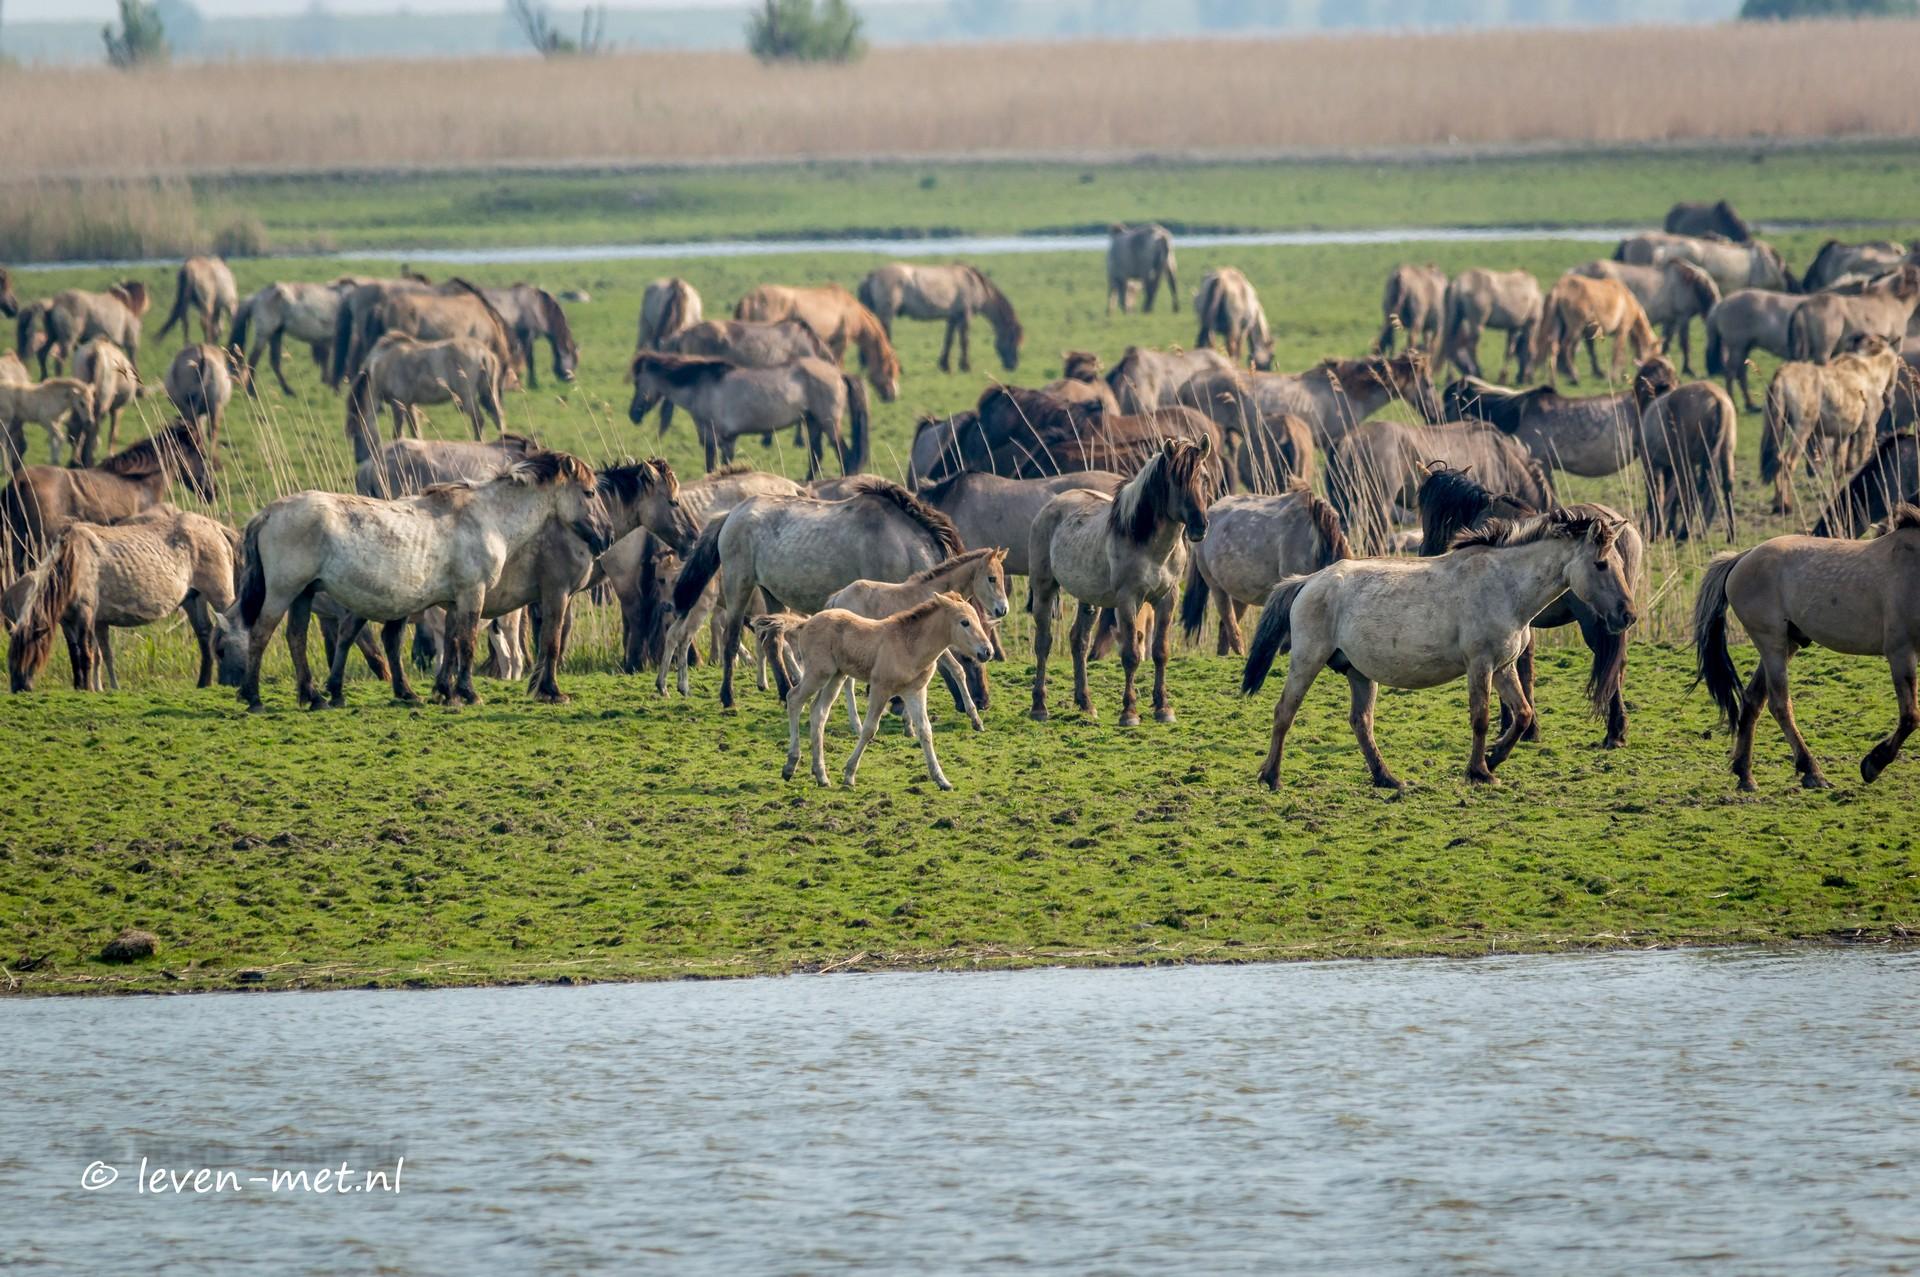 Konikpaarden & Edelherten Oostvaardersplassen